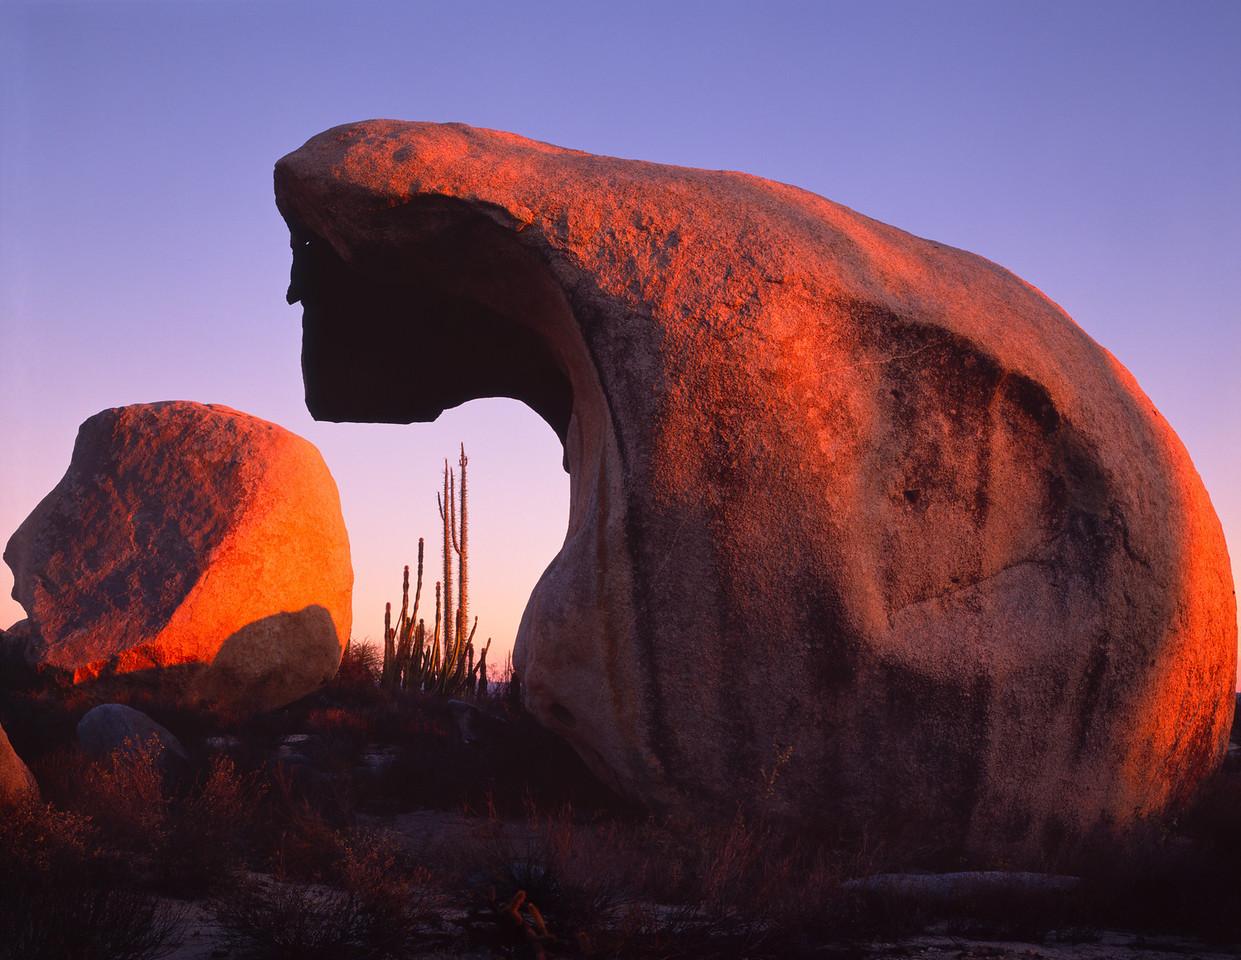 Baja California, Desierto, MEX/Central, granite boulders near Catavina with Senita cactus (Cereus schottii) & Boojum (Idria columnaris) at sunset. 290h                           aca